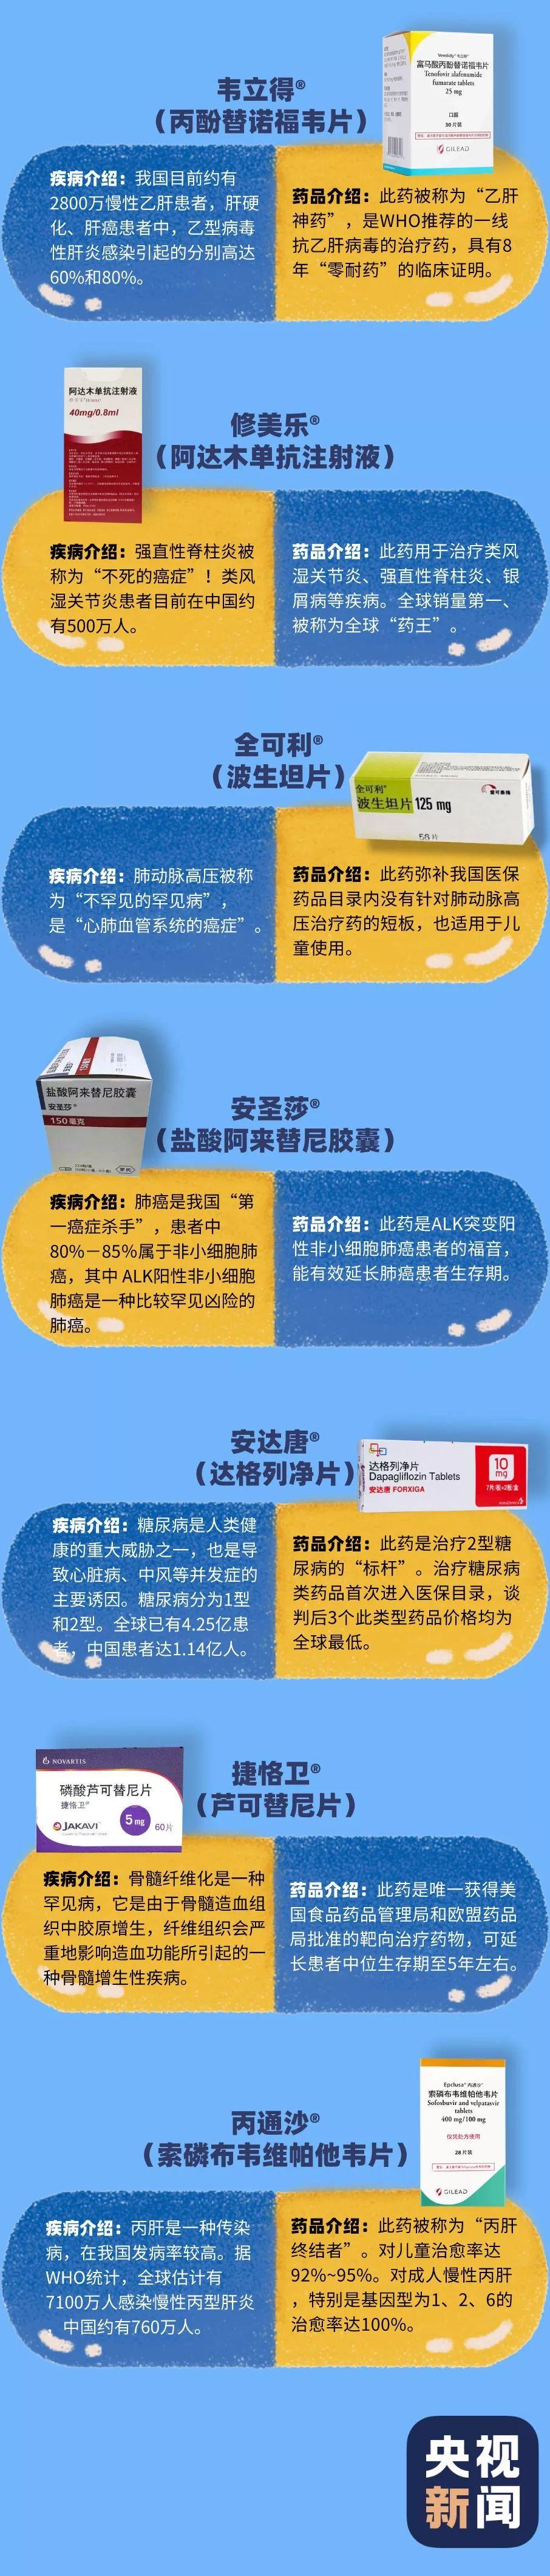 新博娱乐赌城网址-做中国好网民从娃抓起!广州11所幼儿园的孩子这样做